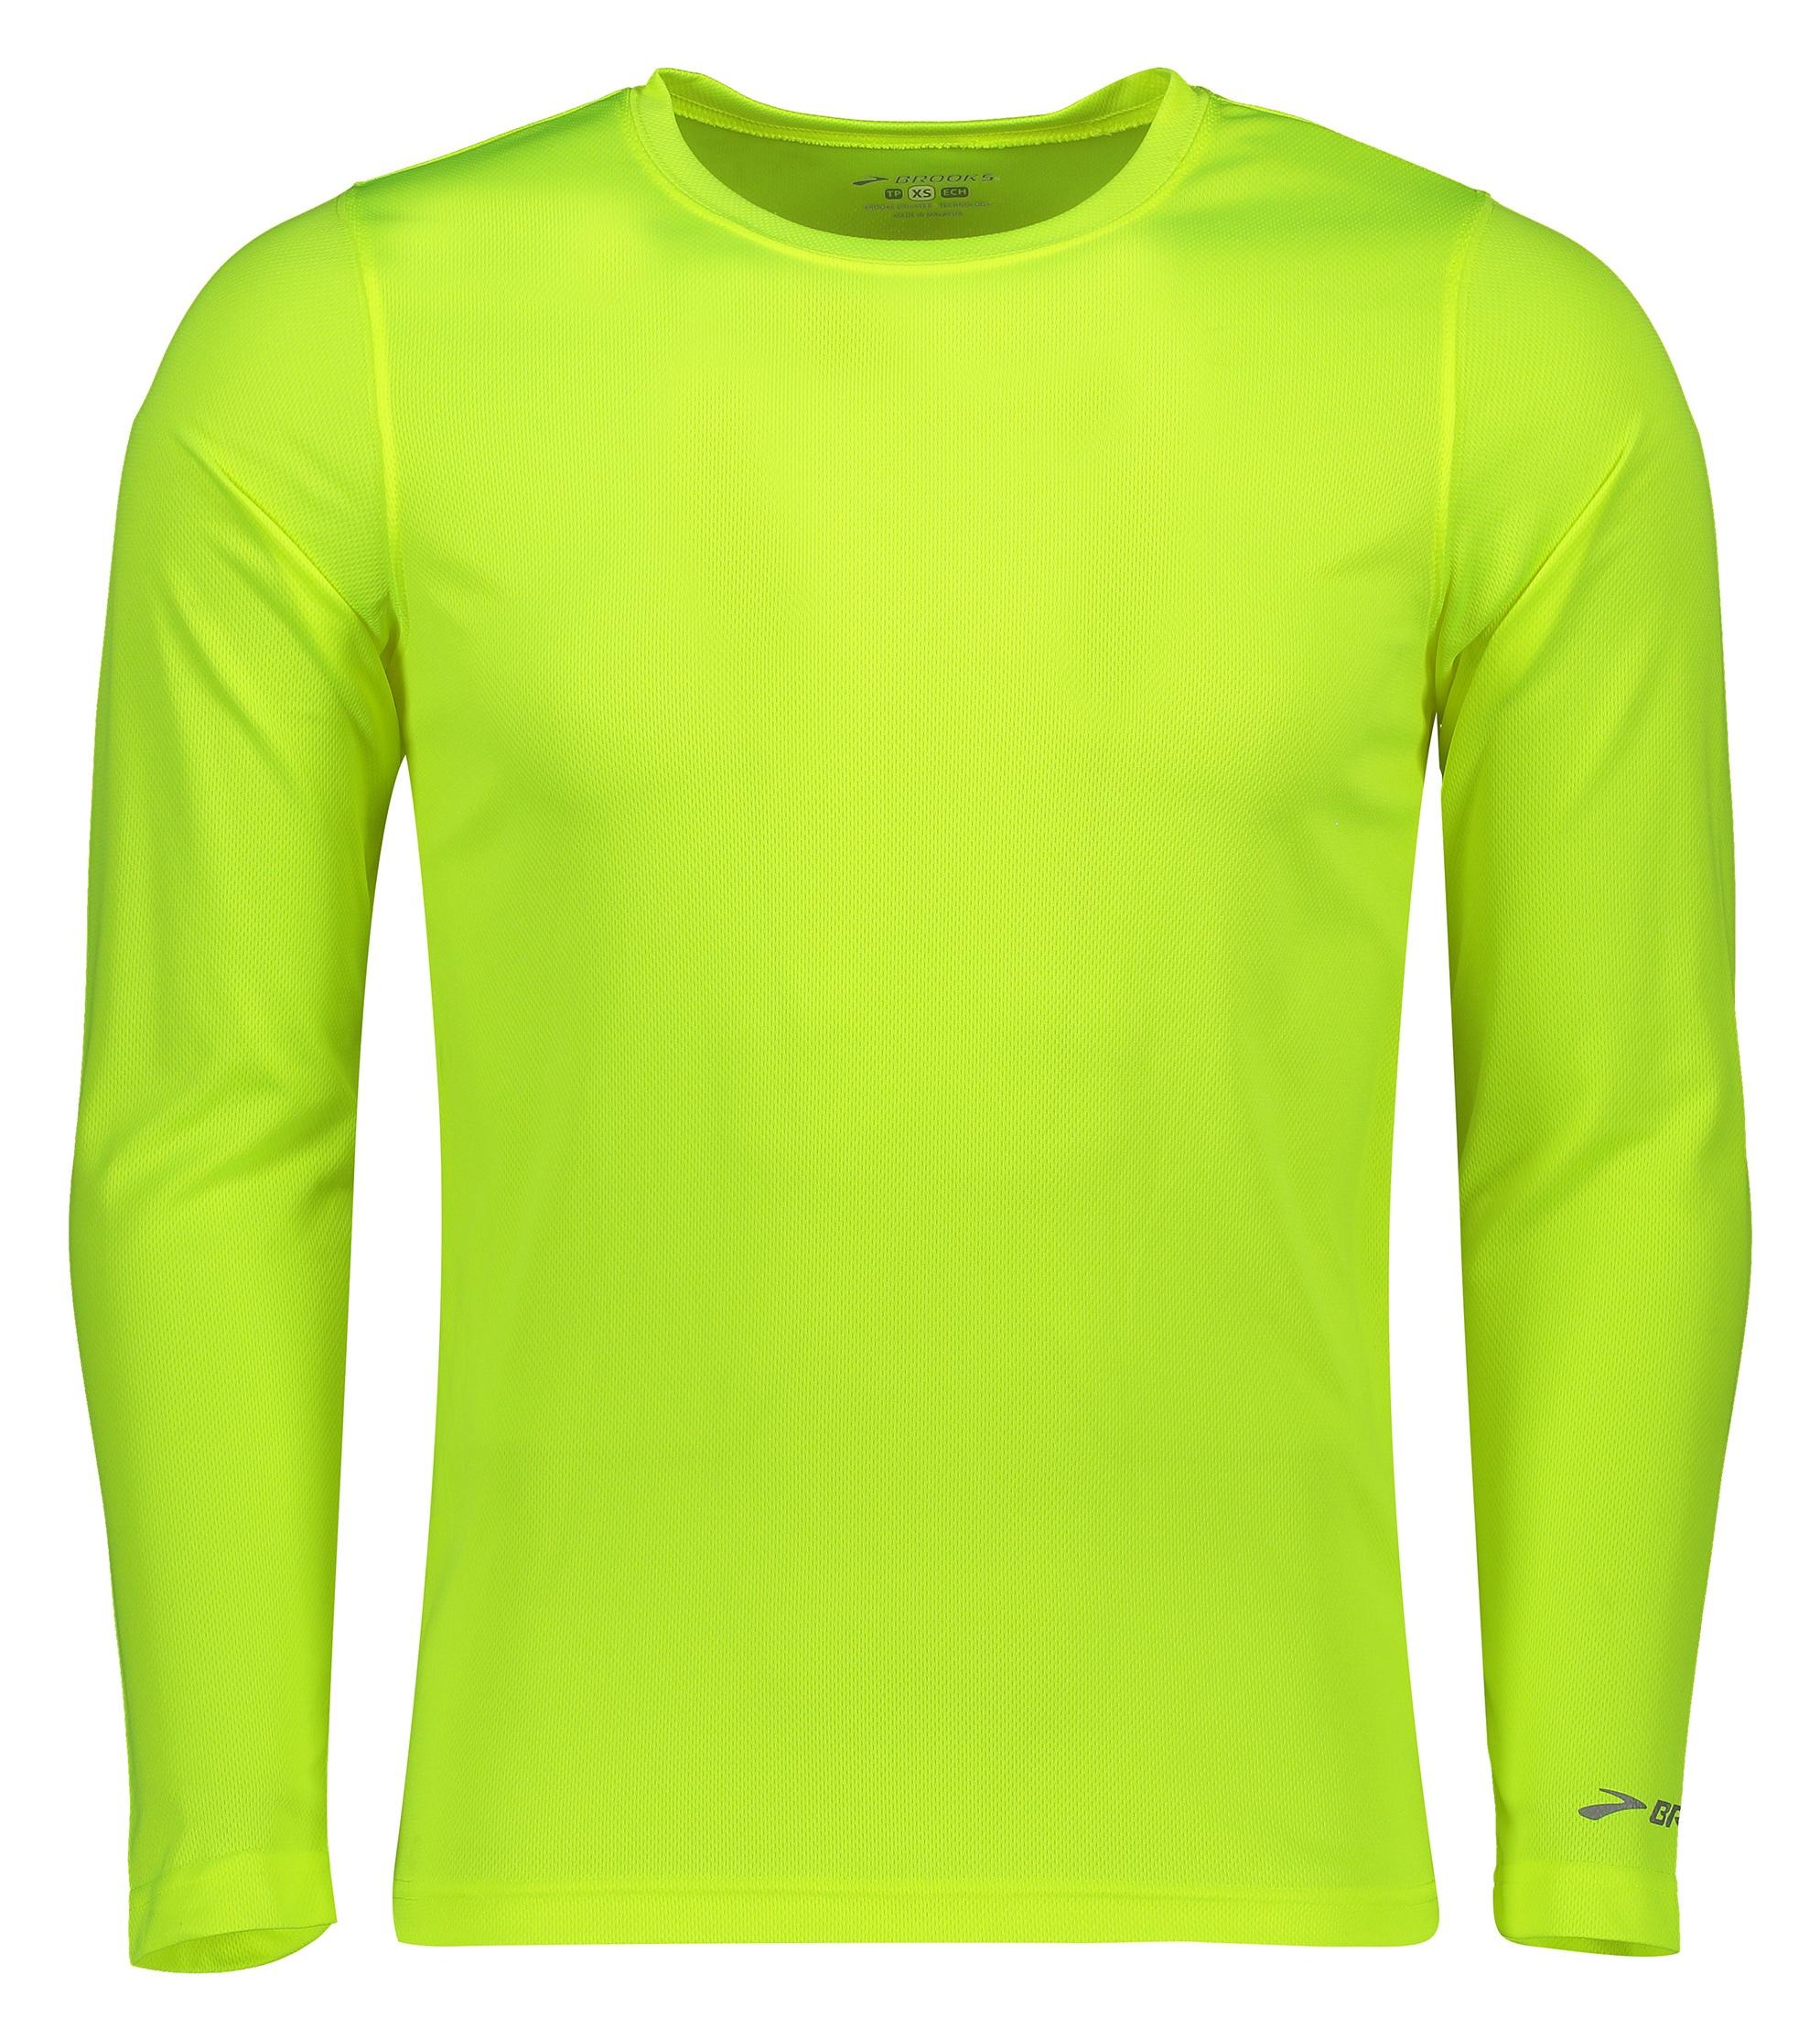 تیشرت ورزشی مردانه بروکس مدل 210970